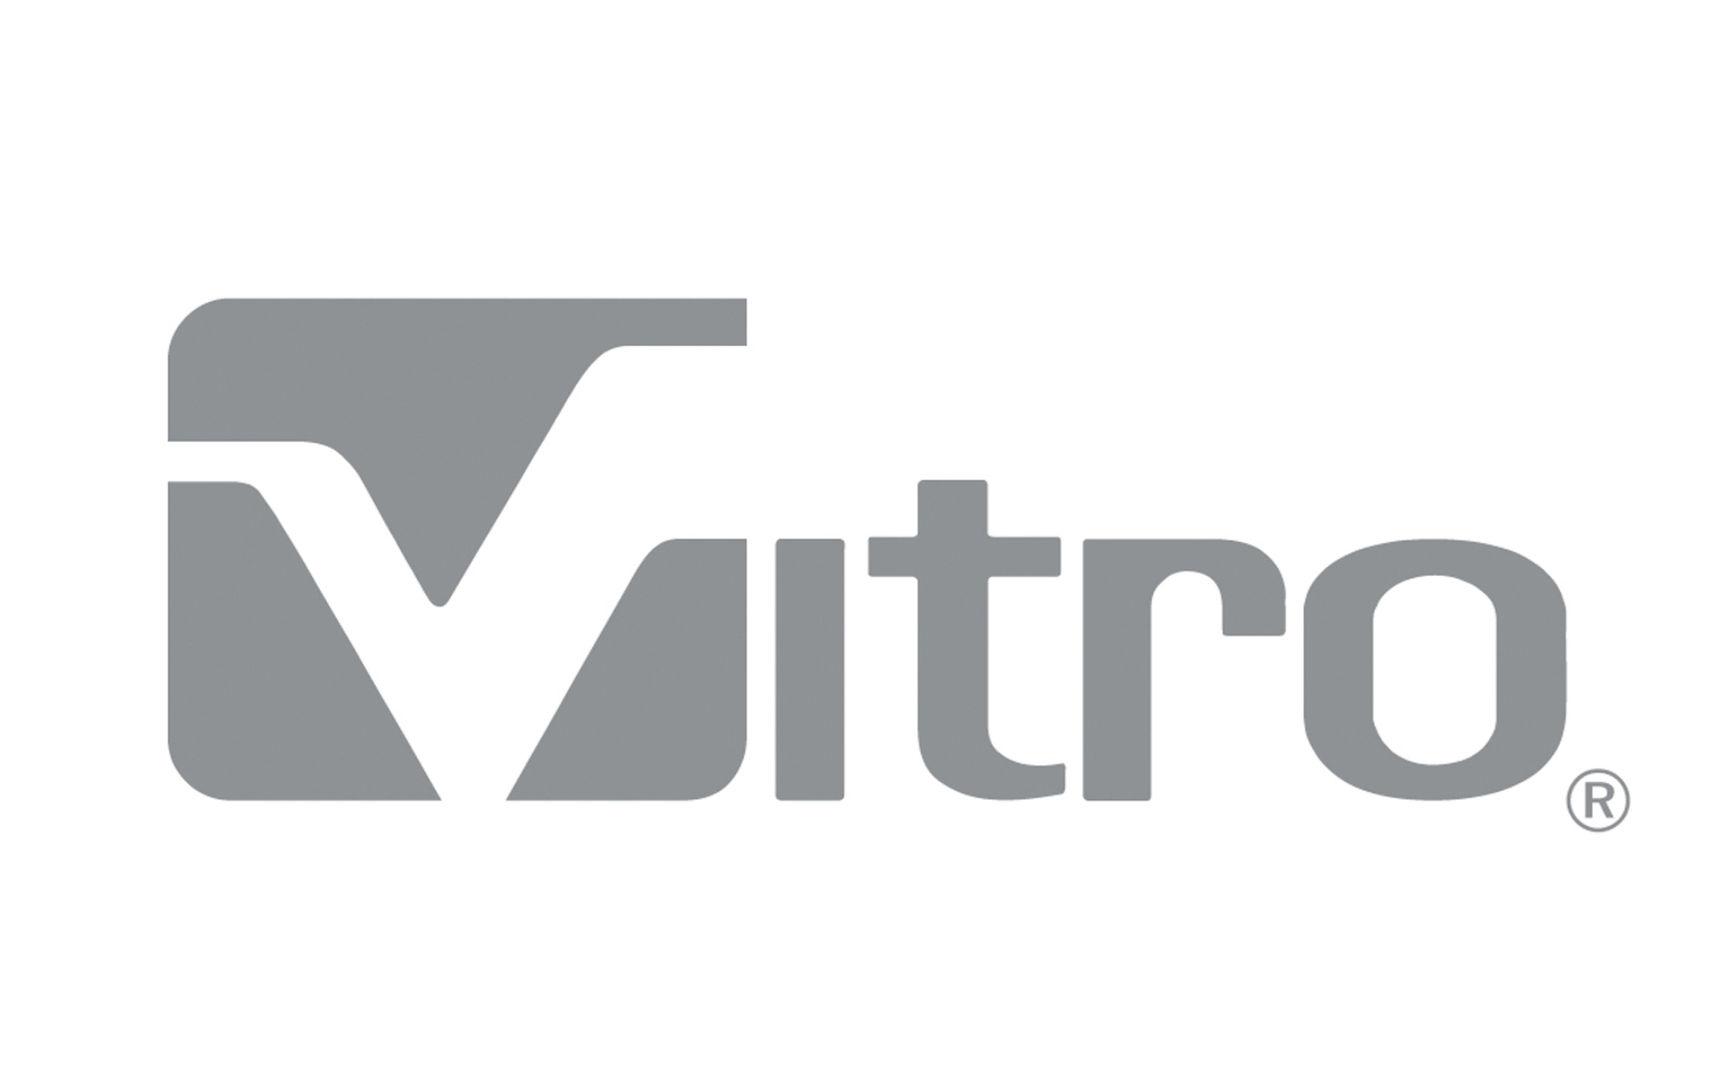 Vitro.jpg